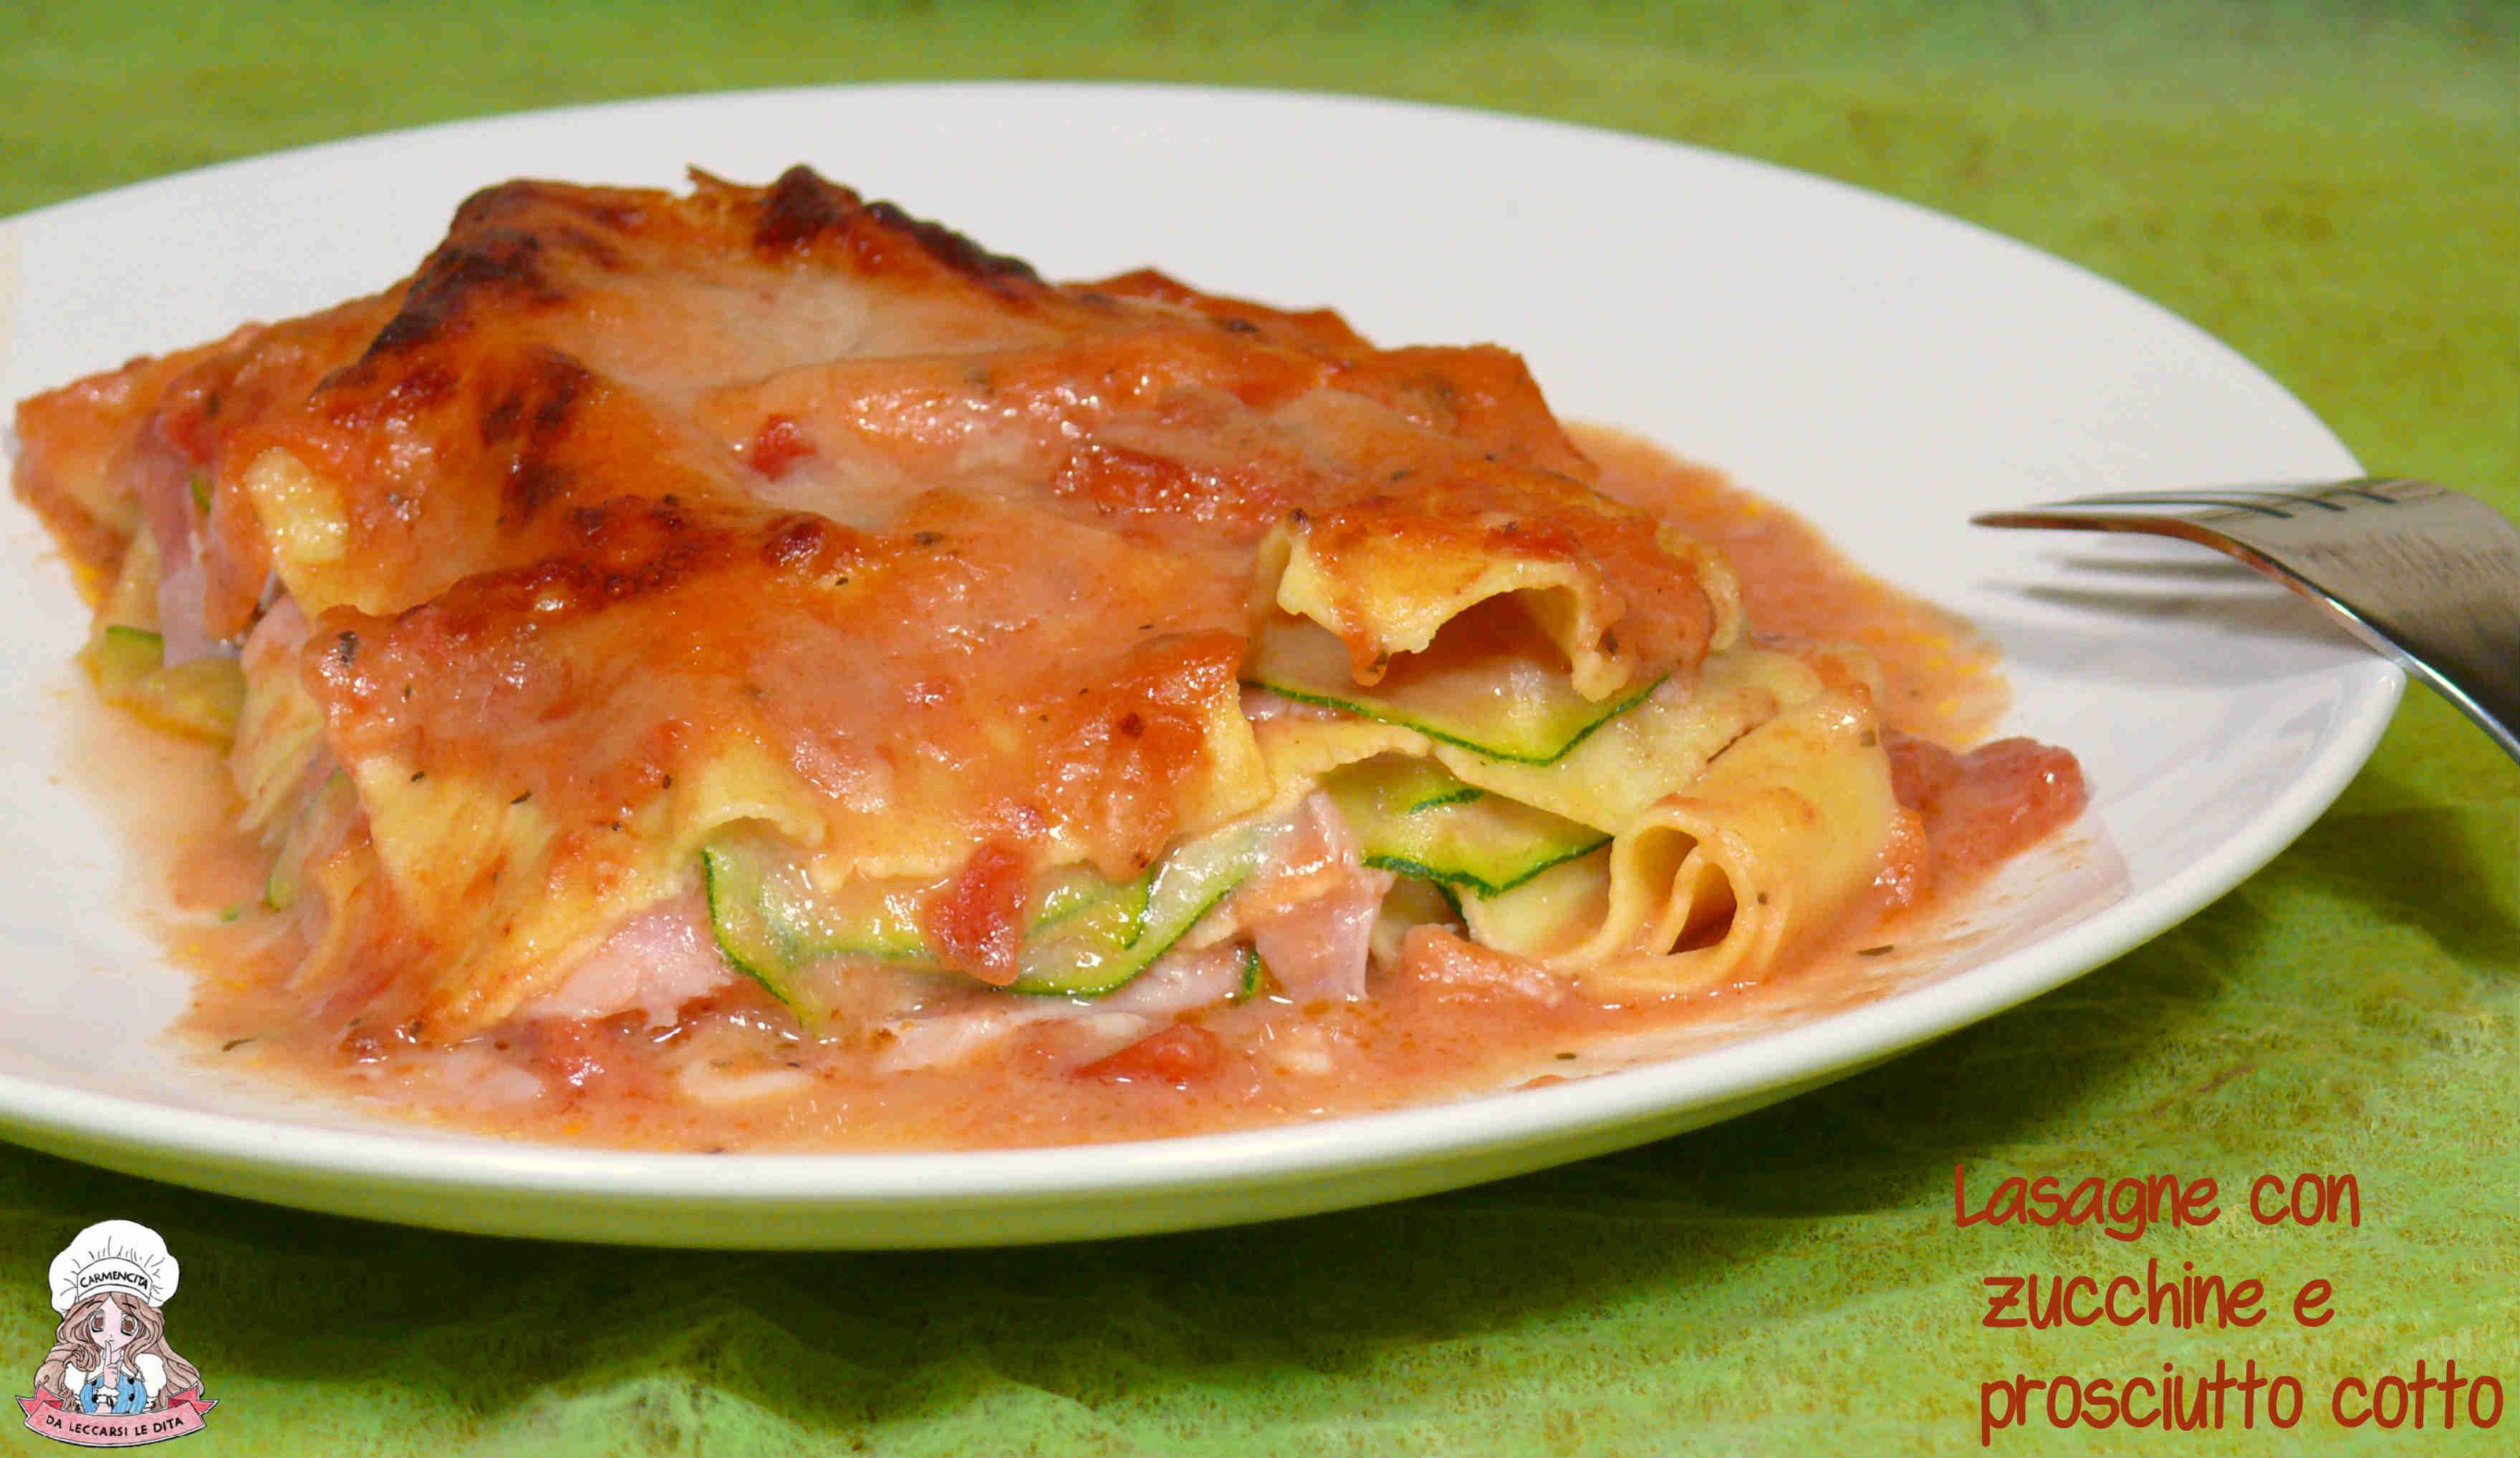 Lasagne con zucchine e prosciutto cotto